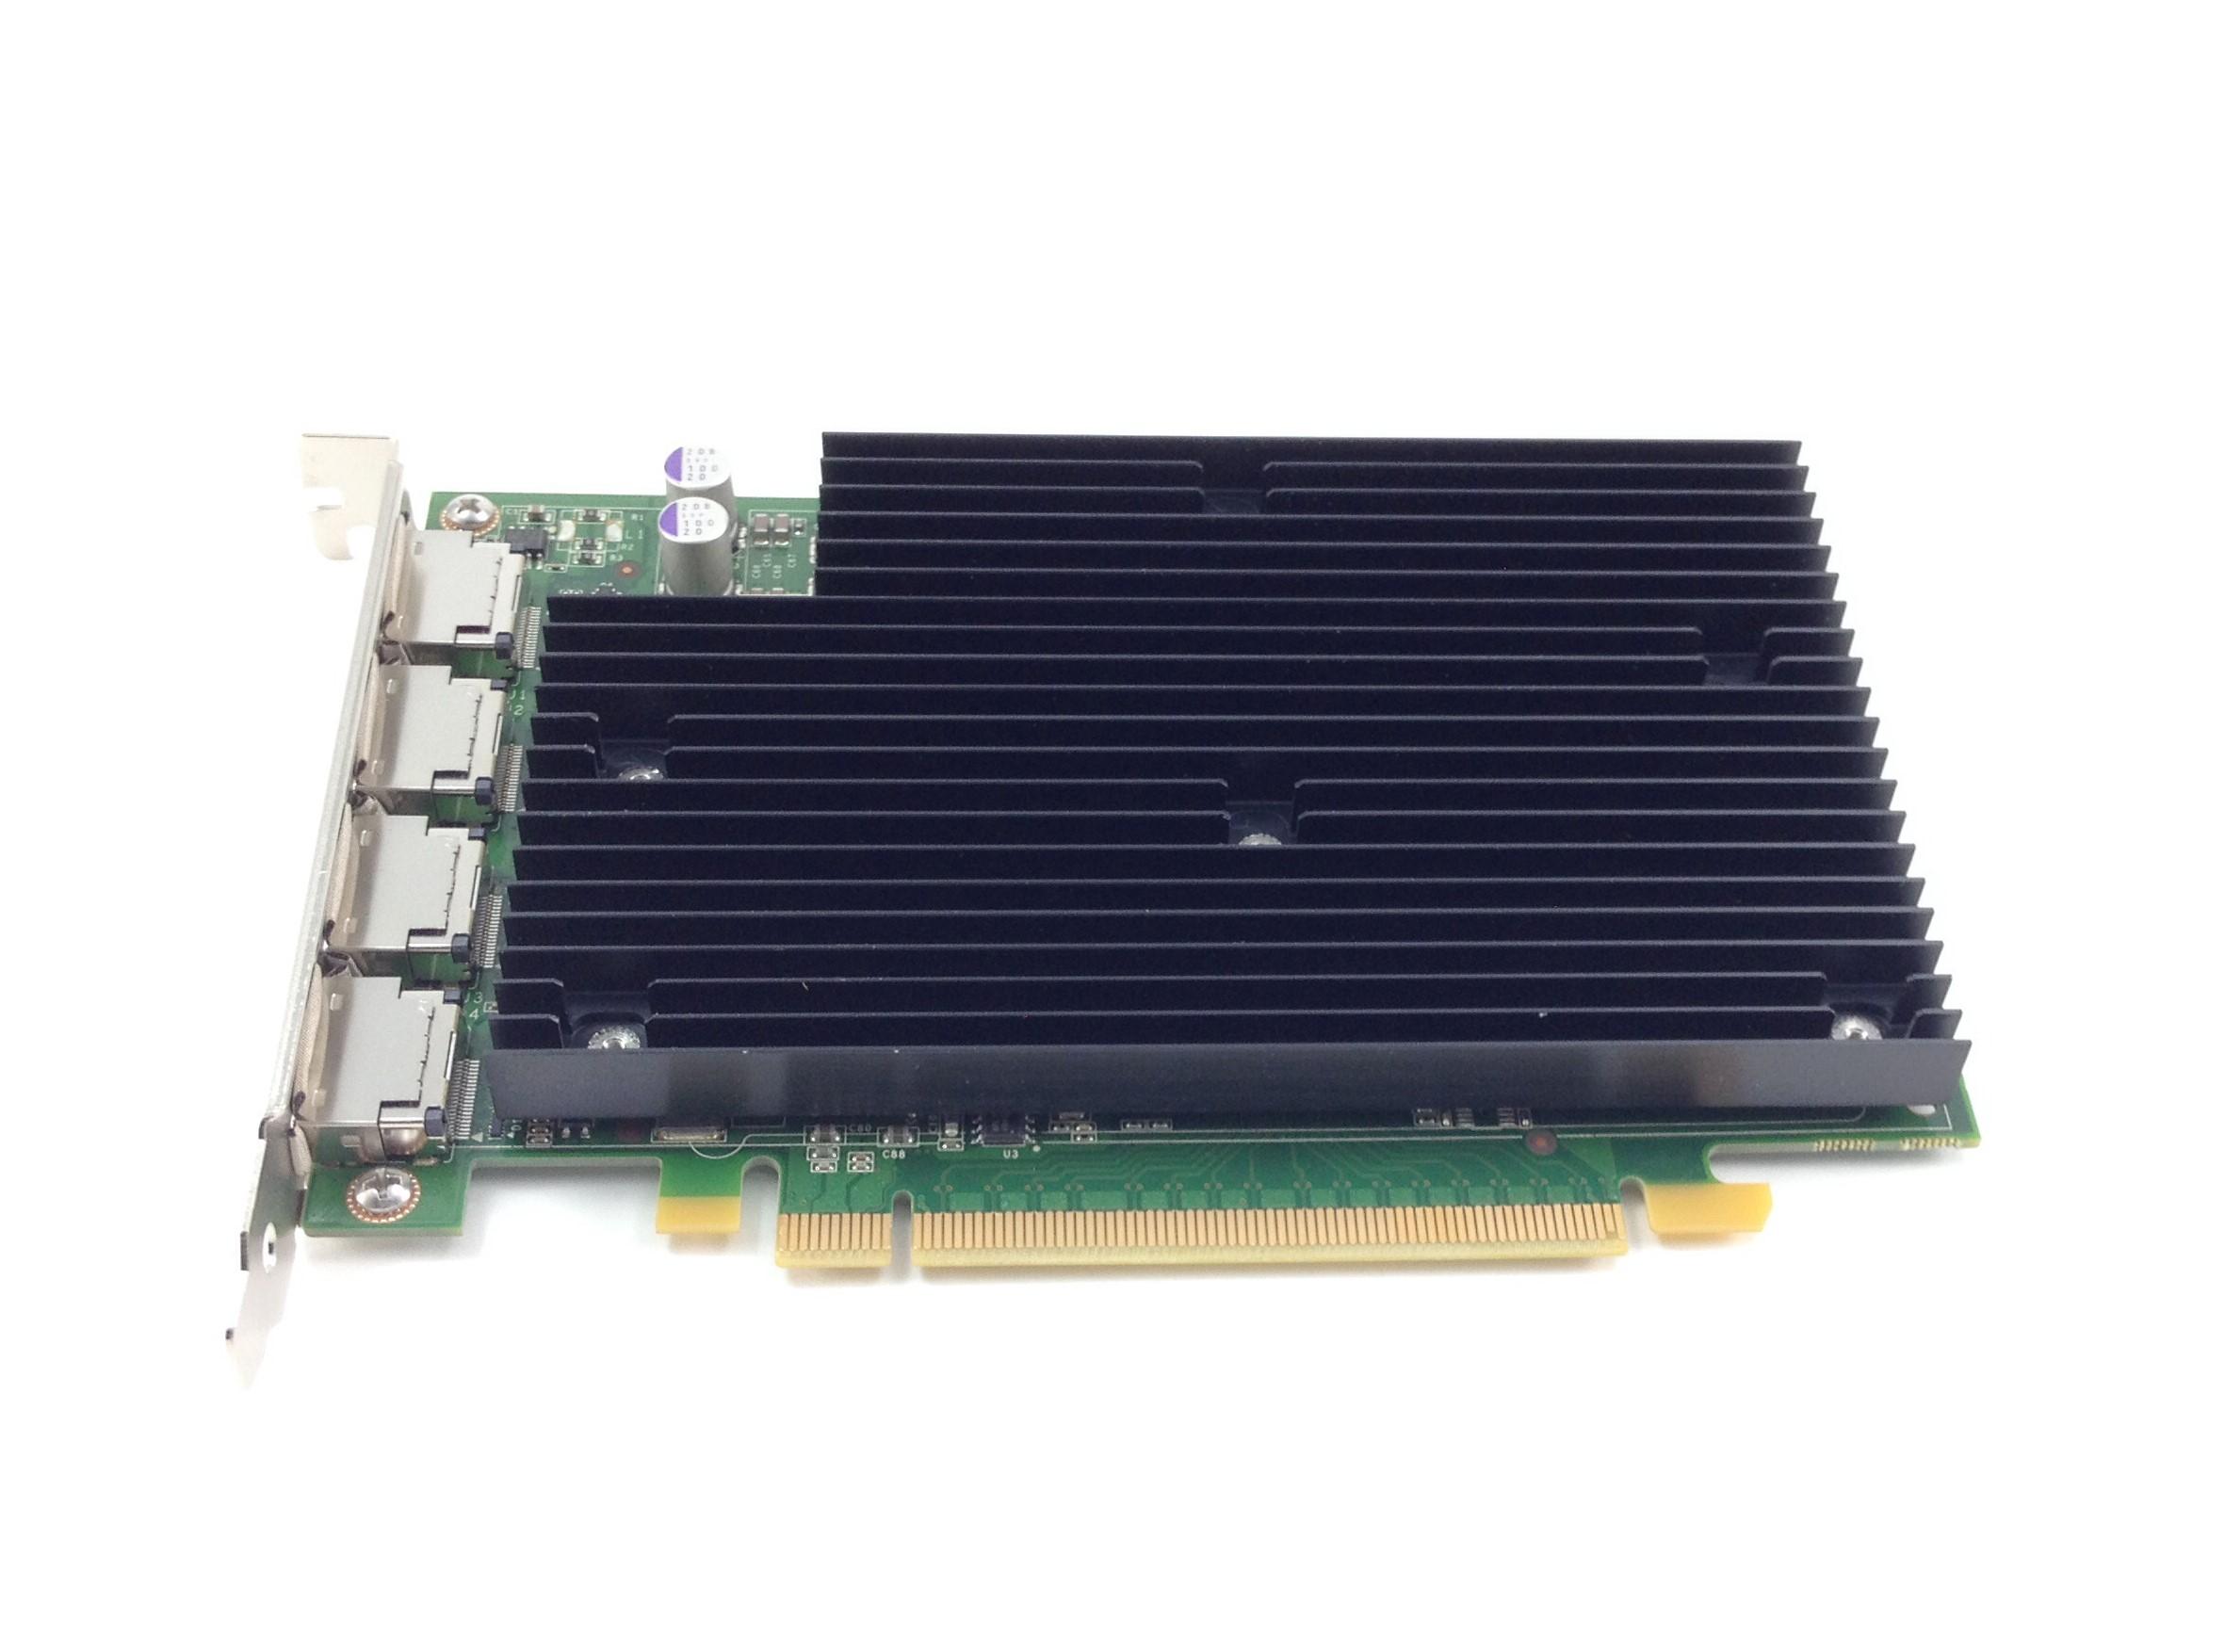 HP Nvidia Quadro NVS450 512MB PCI-E 4-Port Graphics Card (492187-001)